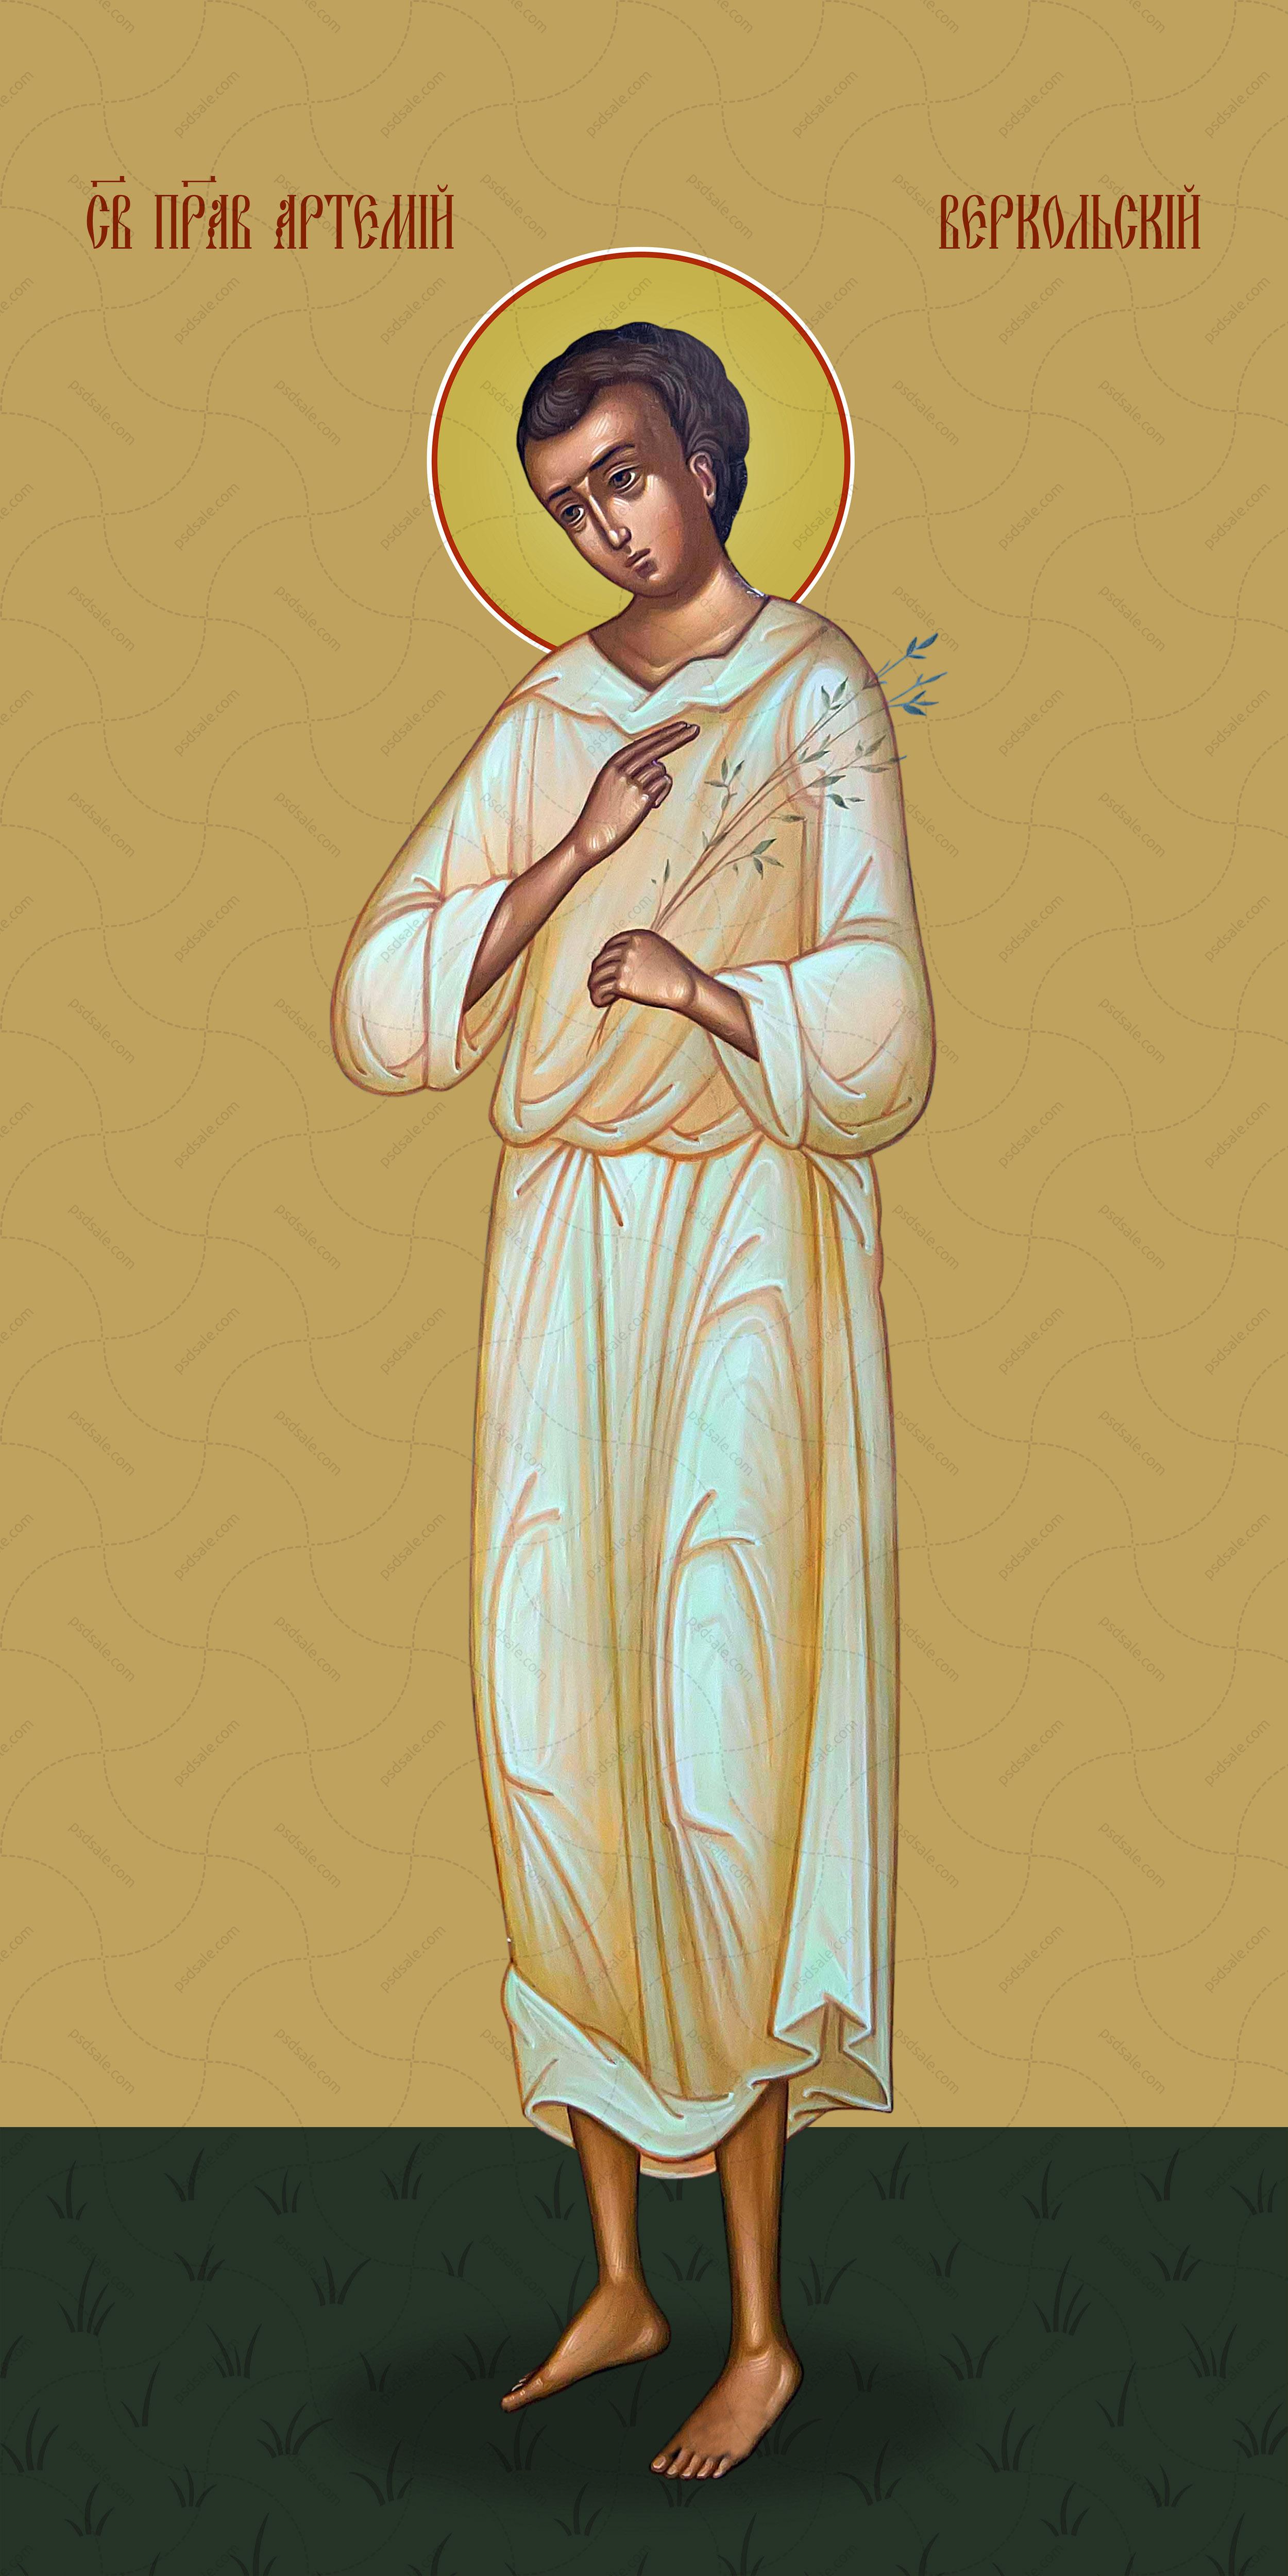 Мерная икона, Артемий Веркольский, святой